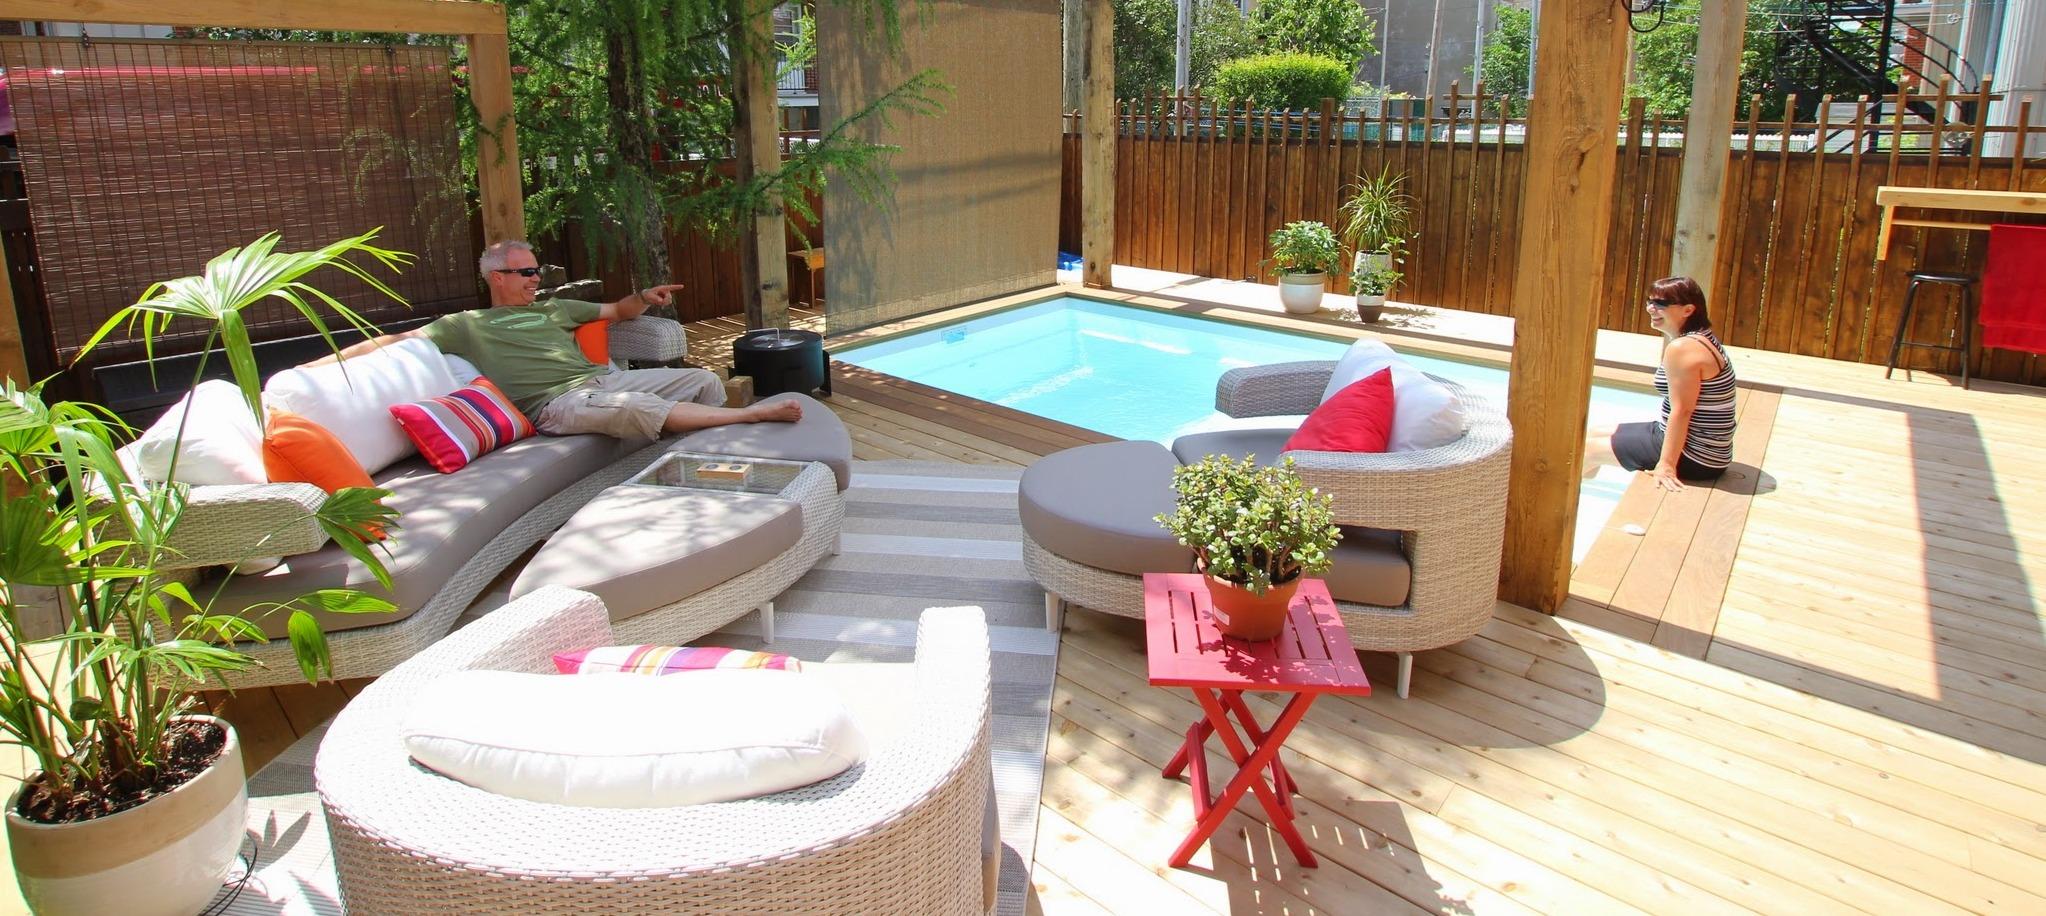 montreal deck builder and patio construction patios et clôtures